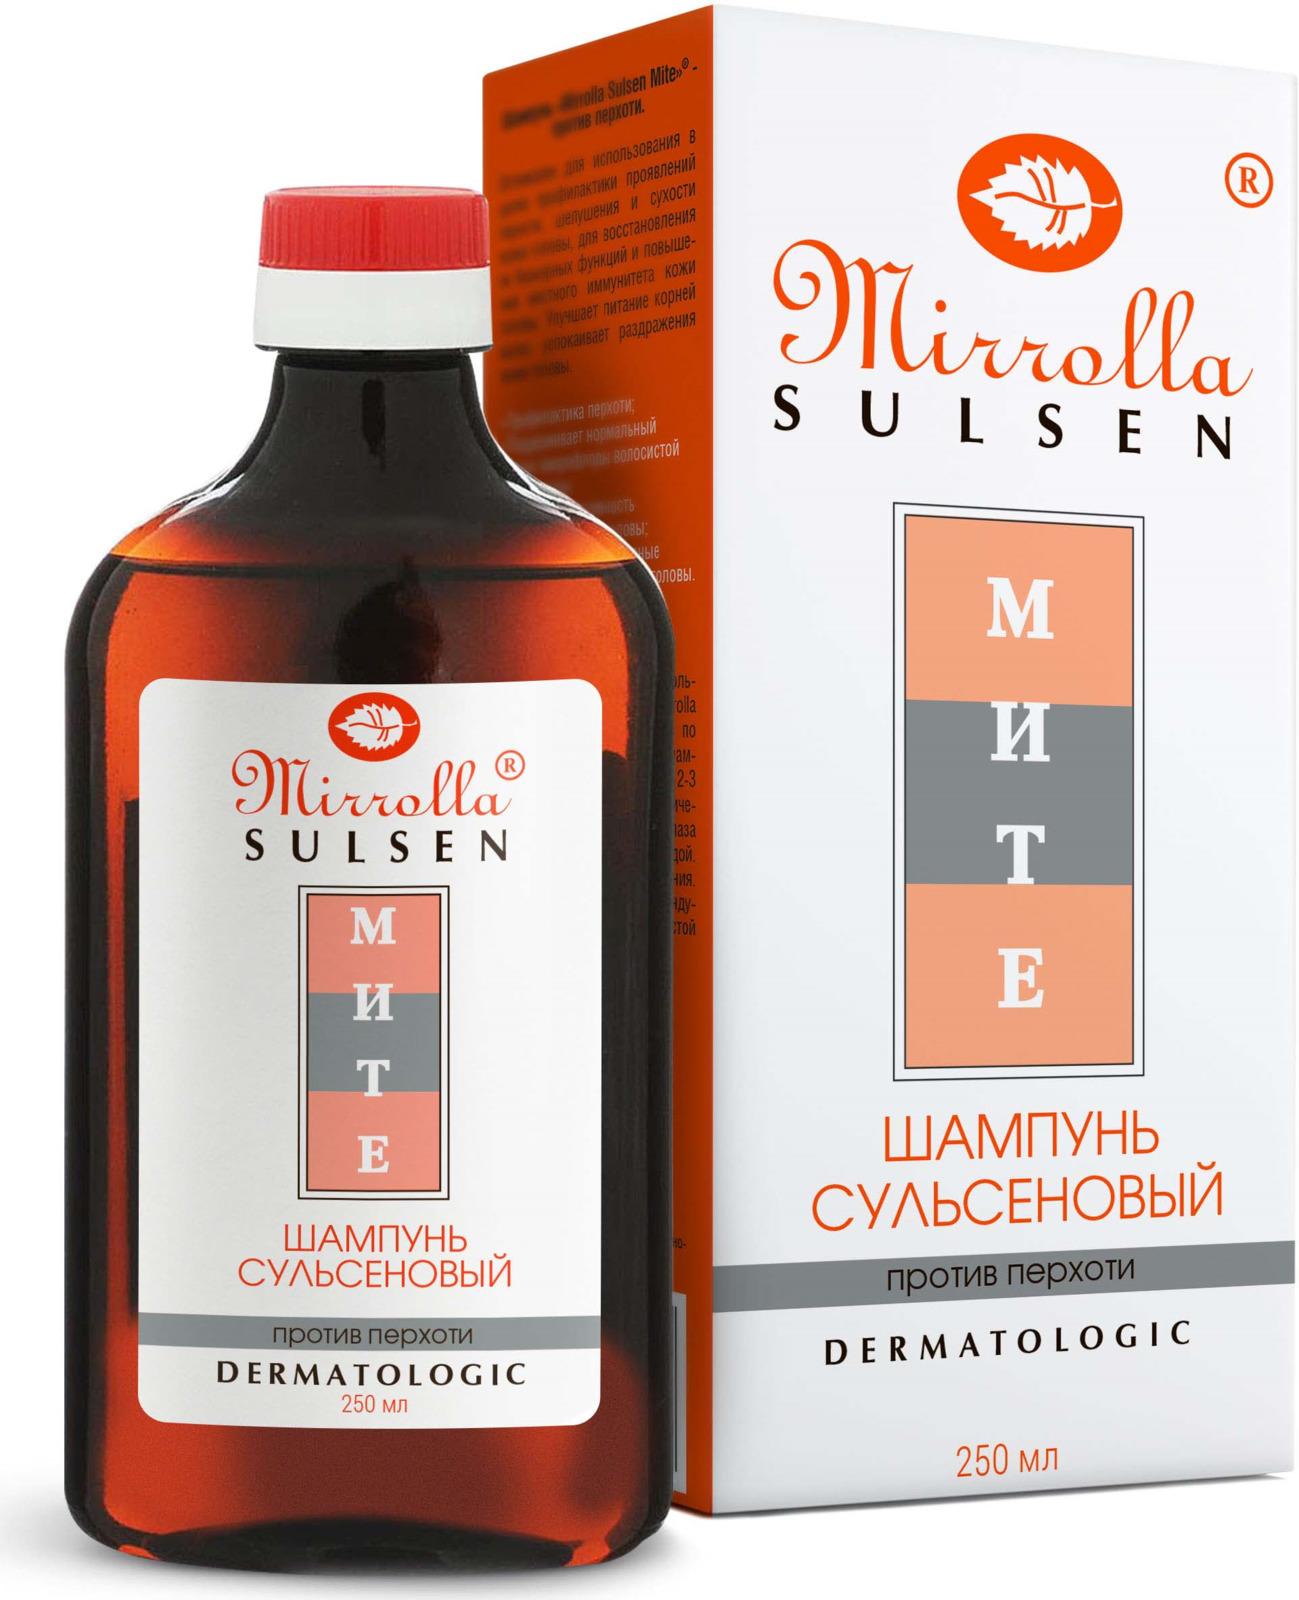 Мирролла Шампунь для волос «Сульсен Мите», для профилактики перхоти, 250 мл мирролла сульсен форте шампунь с климбазолом против перхоти 250мл